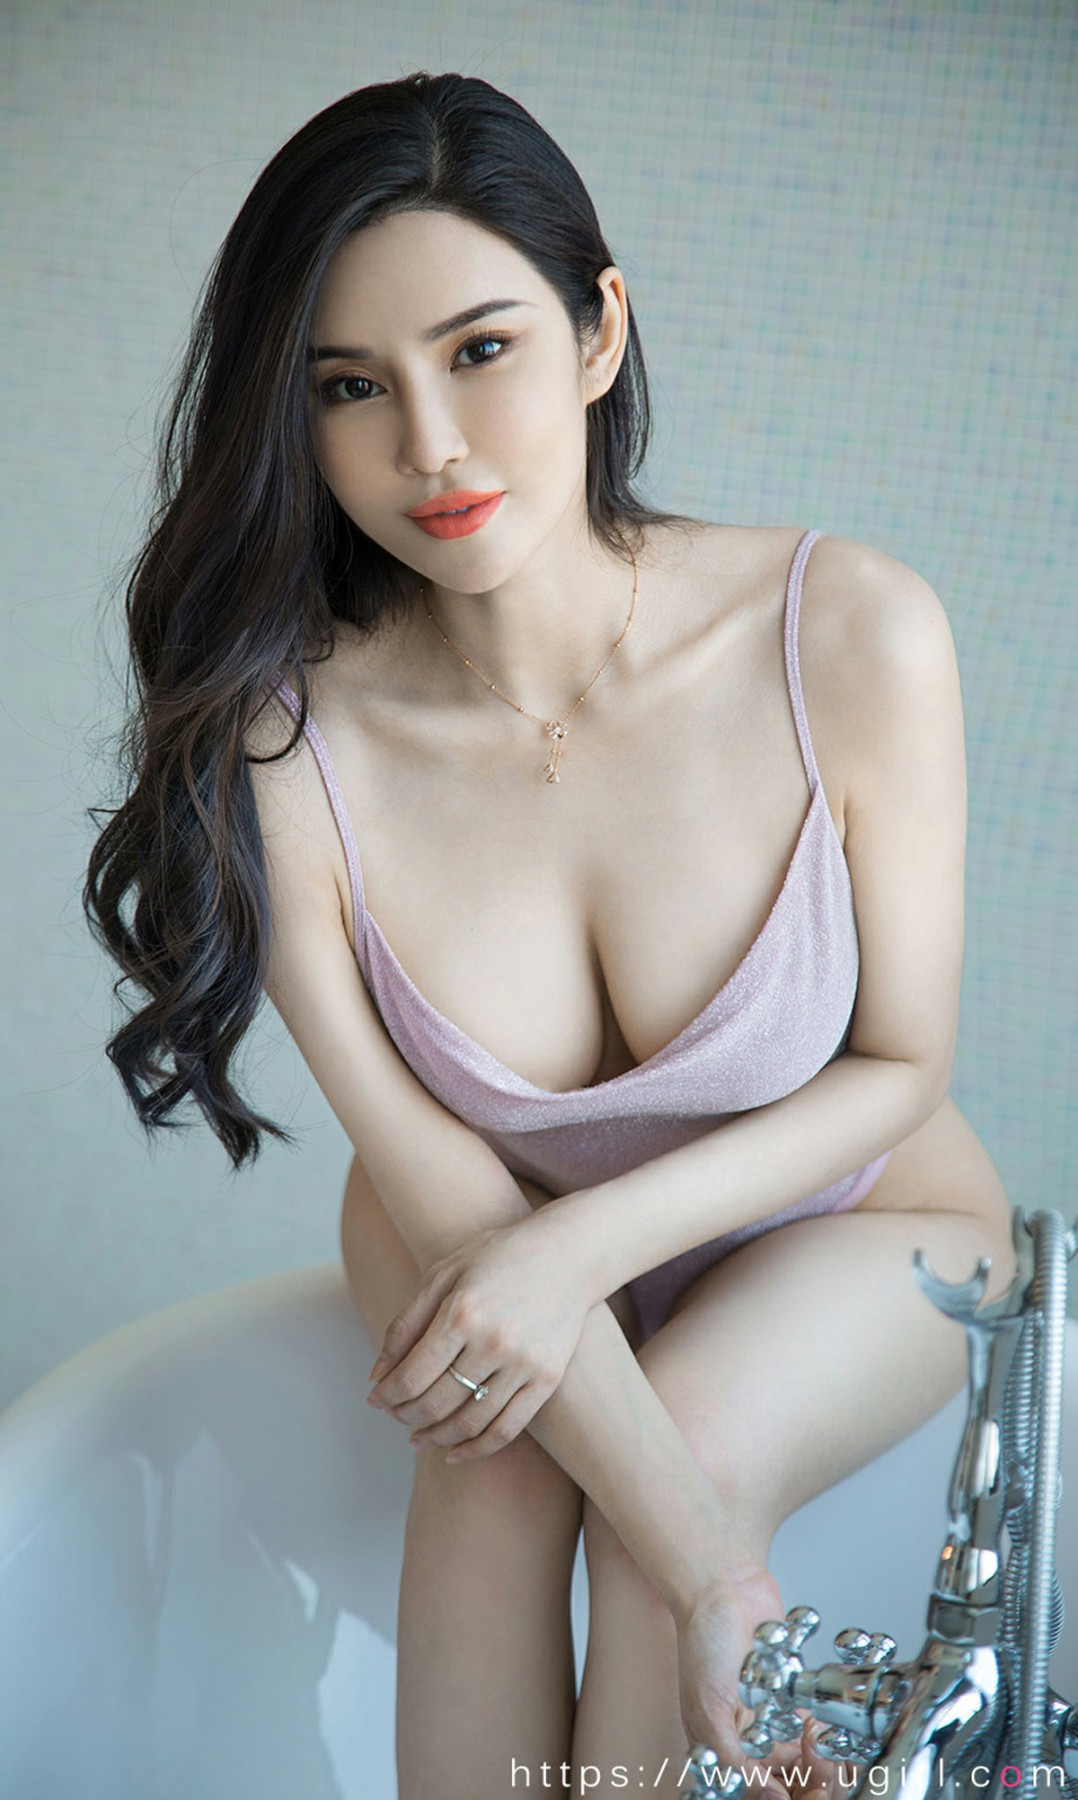 [Ugirls尤果网]爱尤物专辑 2020.09.21 No.1915 林渃晗 浴缸情调 第2张